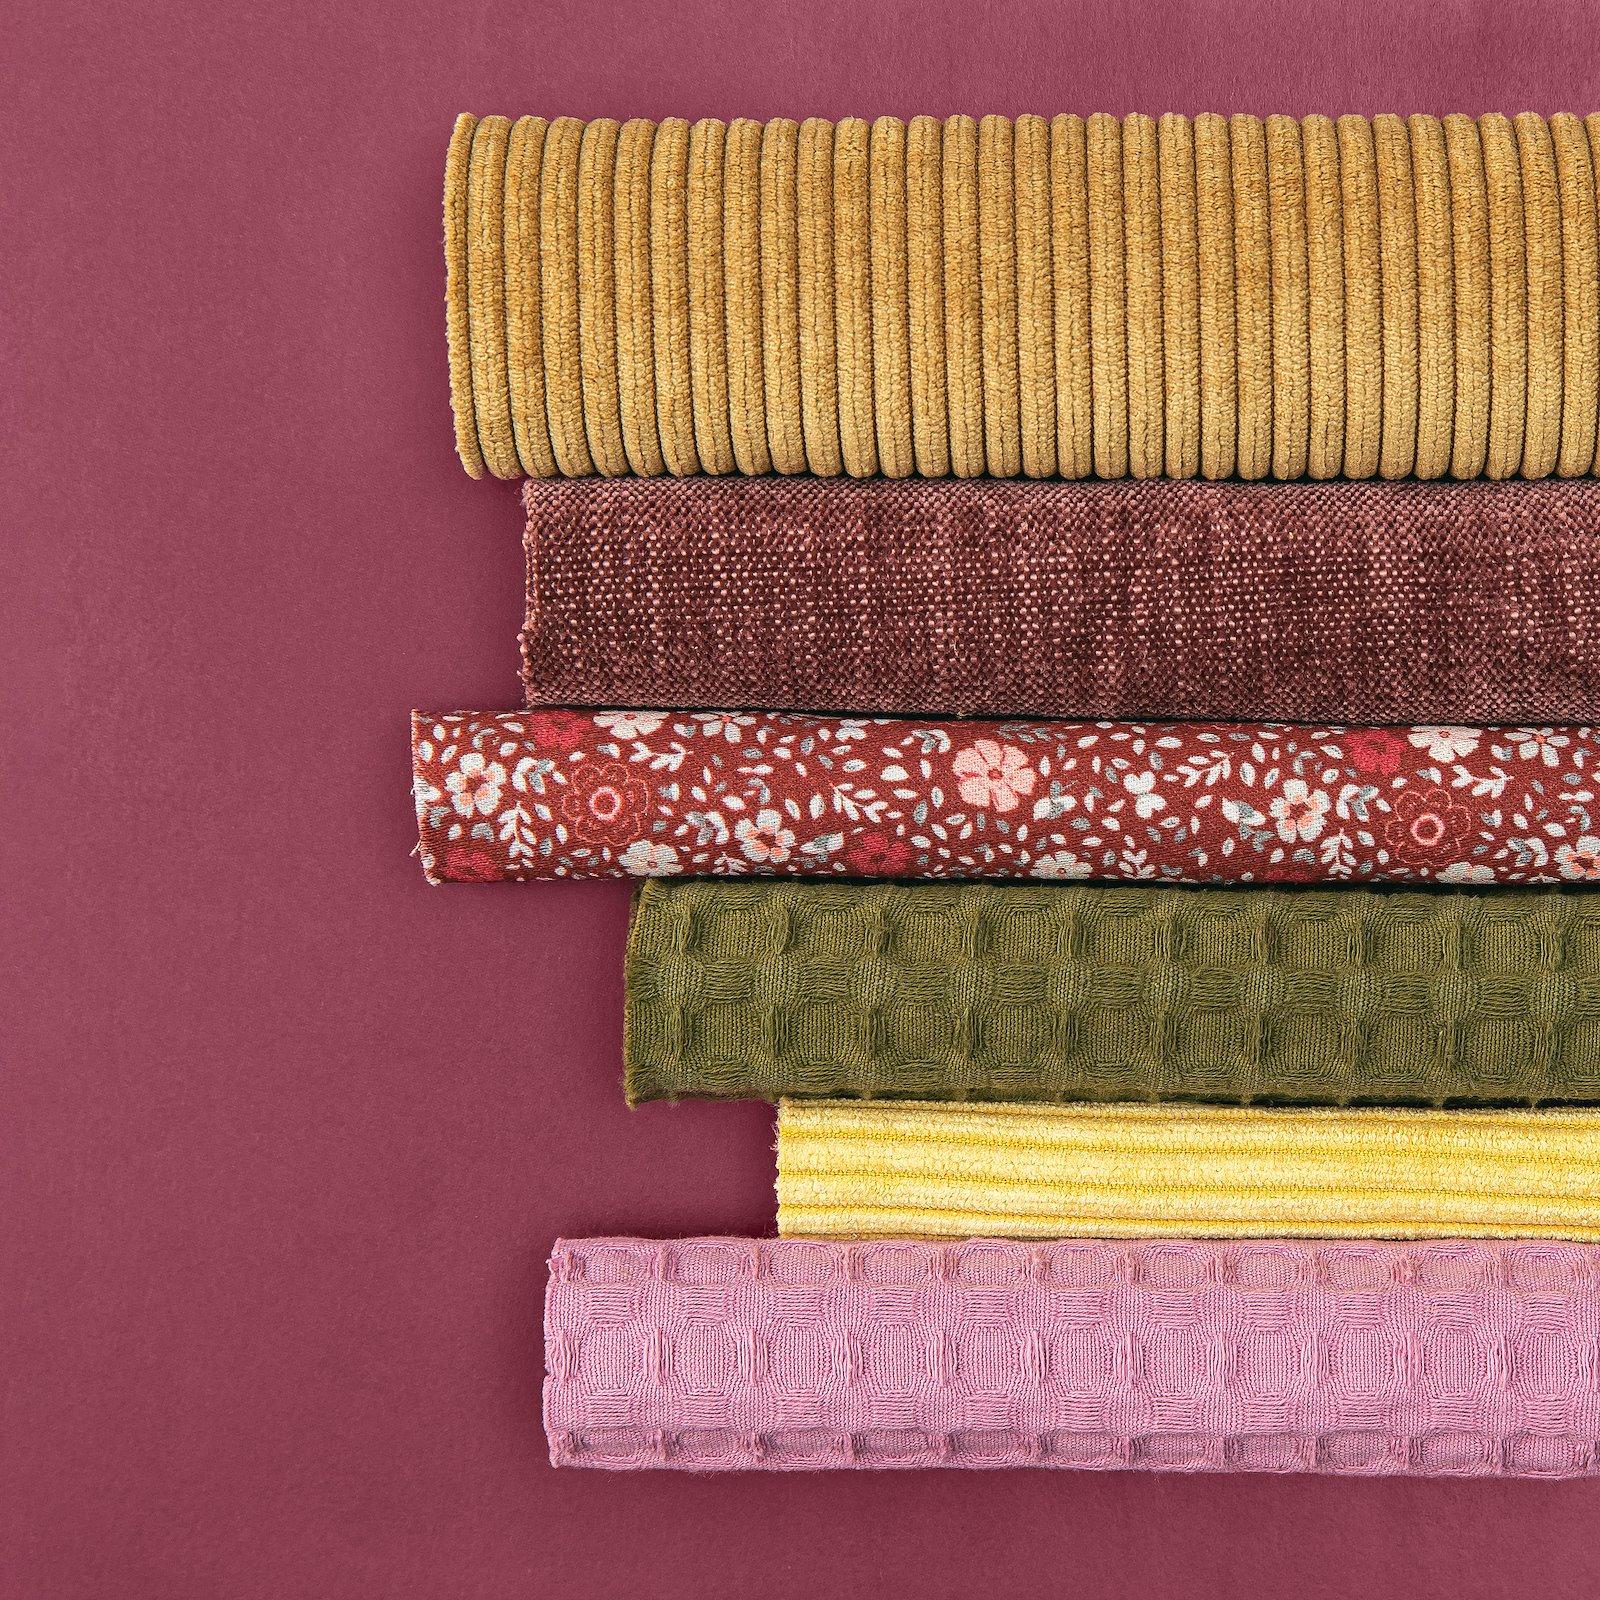 Upholstery corduroy 6 wales olive yellow 824155_824159_816263_501790_824154_501887_bundle